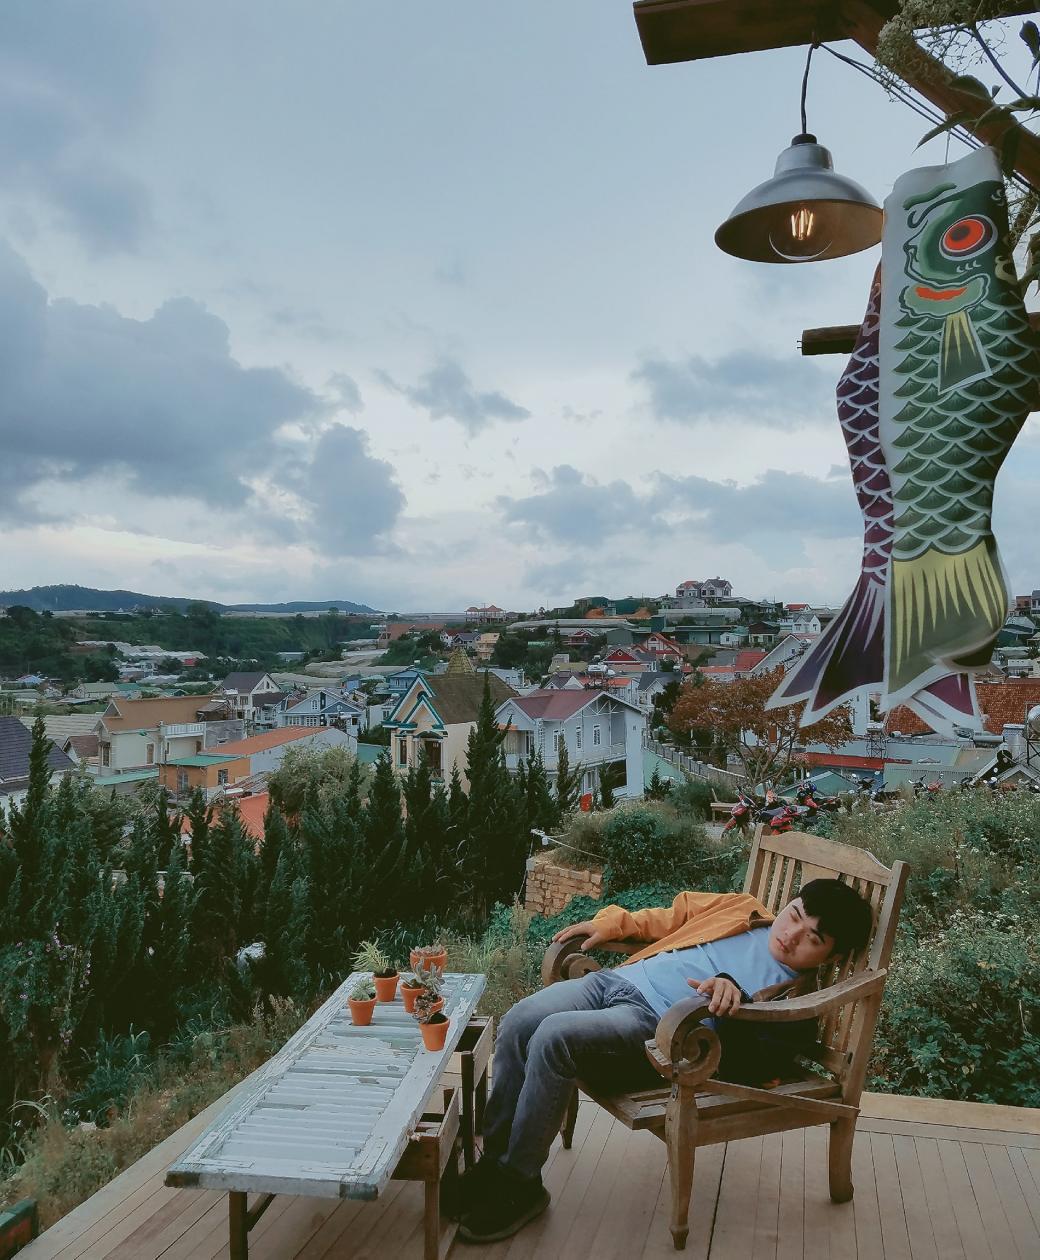 Chàng trai vui tính thực hiện bộ ảnh 'ngủ khắp Đà Lạt' khiến ai xem cũng bật cười